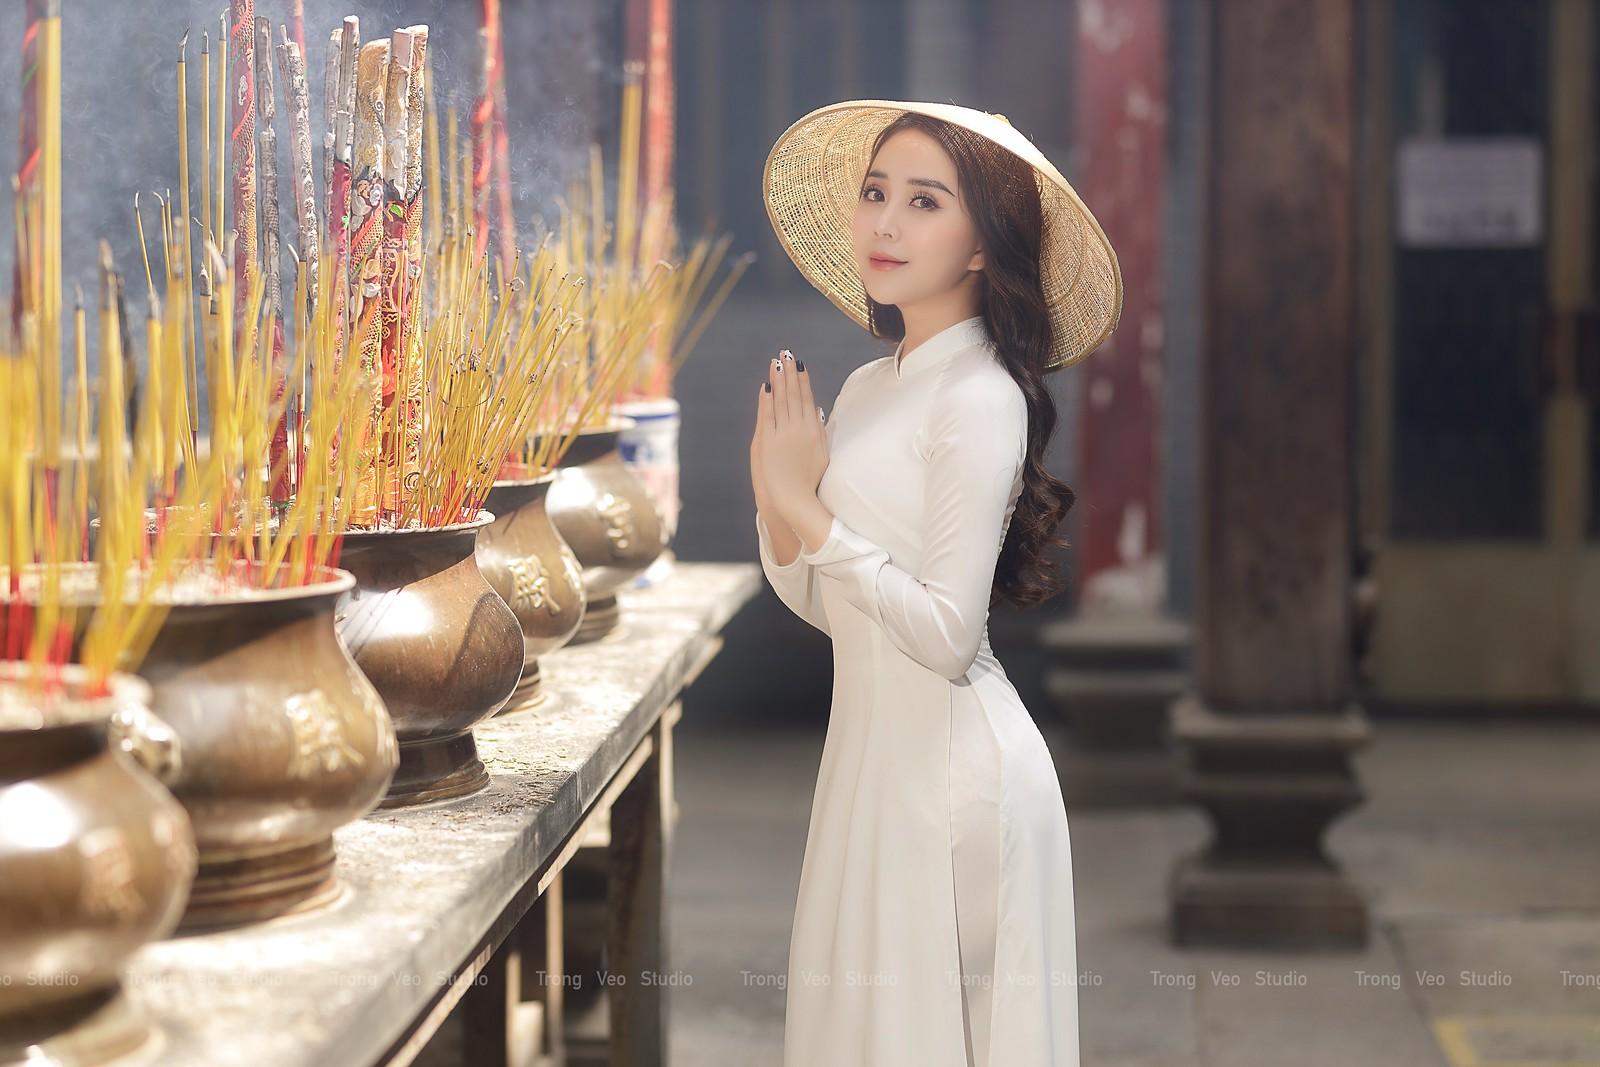 Ngắm hot girl Lục Anh xinh đẹp như hoa không sao tả xiết trong tà áo dài truyền thống - 8